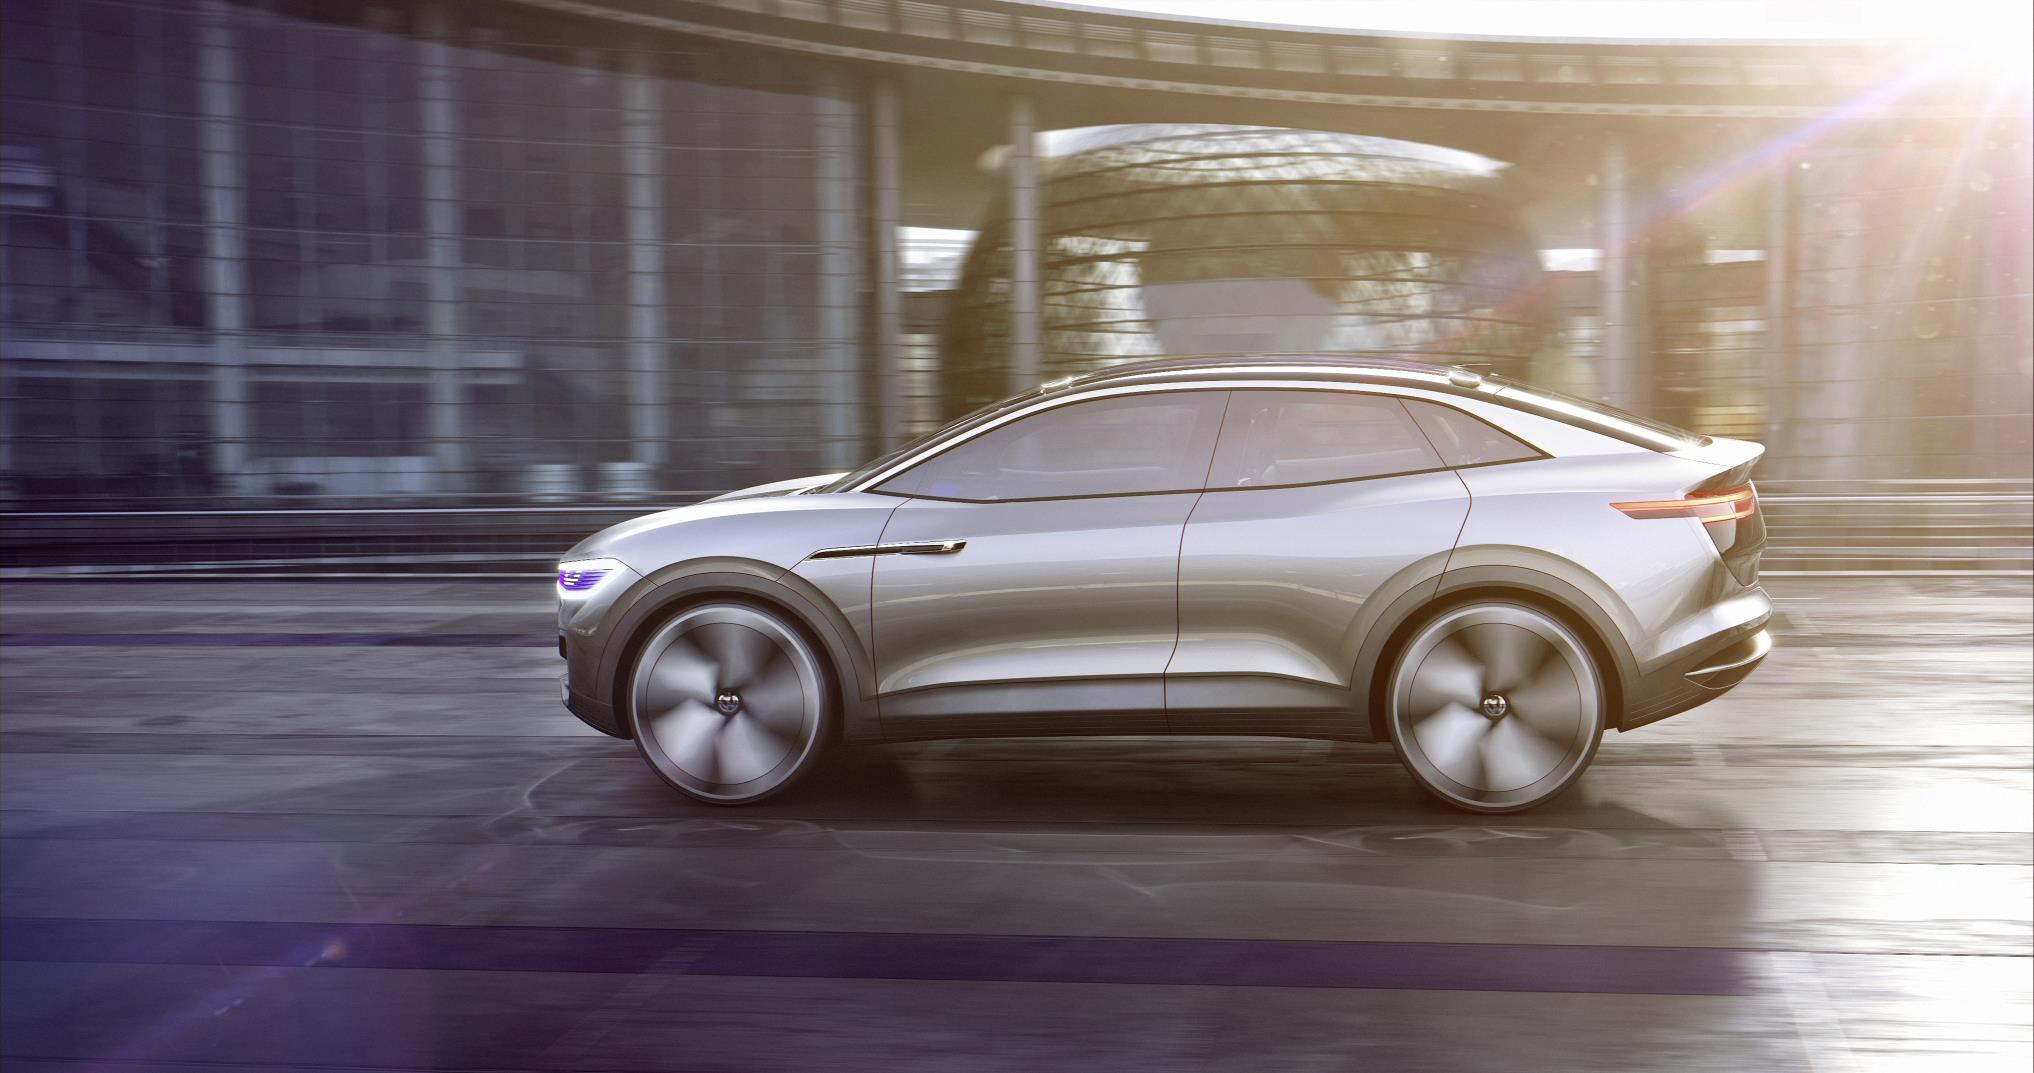 Volkswagen делает еще один шаг вперед, проецируя наиболее важную движущую информацию в поле зрения водителя с использованием технологии дополненной реальности.